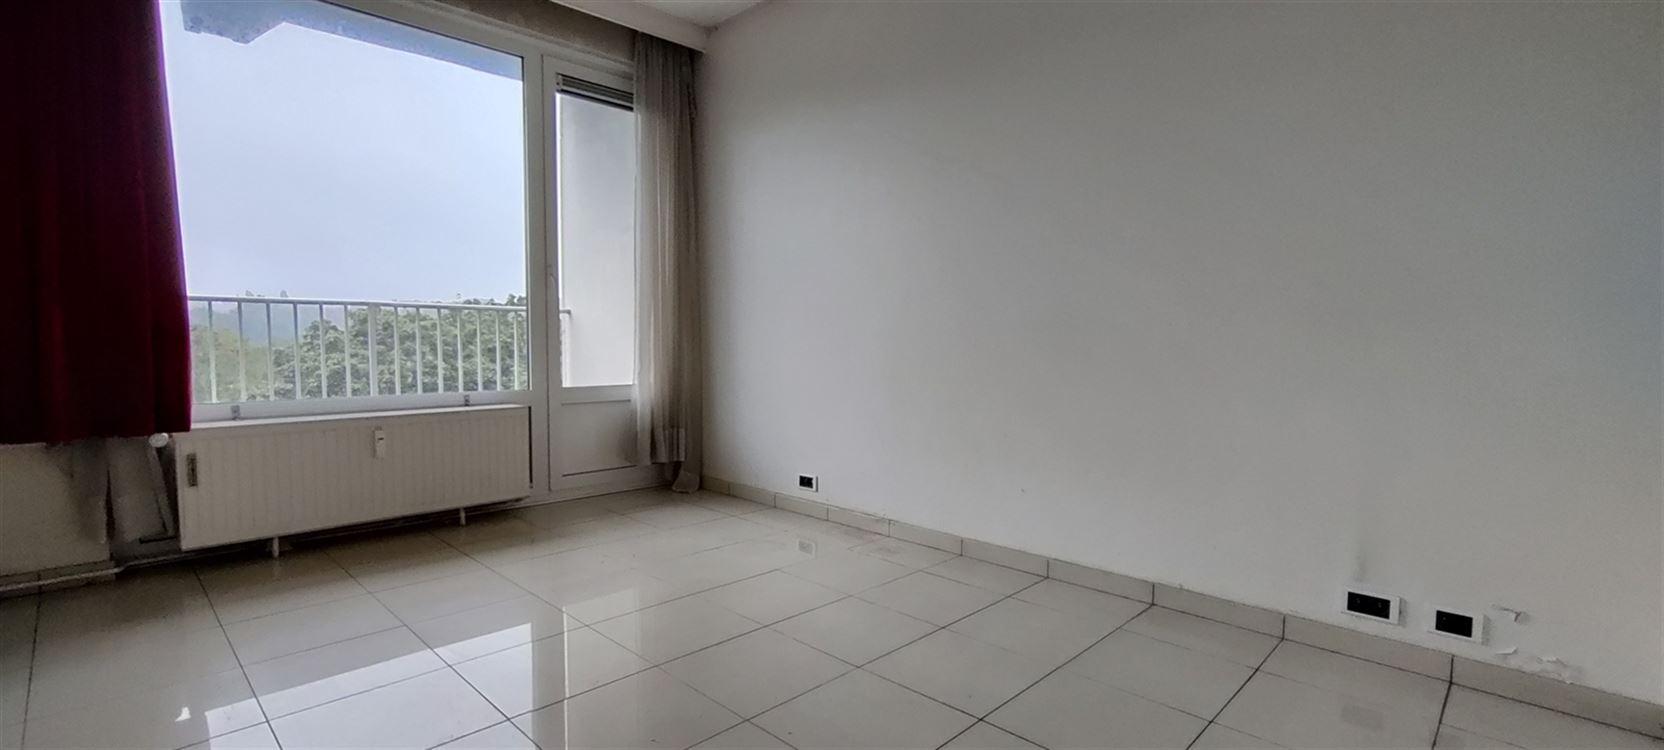 Foto 4 : Appartement te 1180 UKKEL (België) - Prijs € 295.000